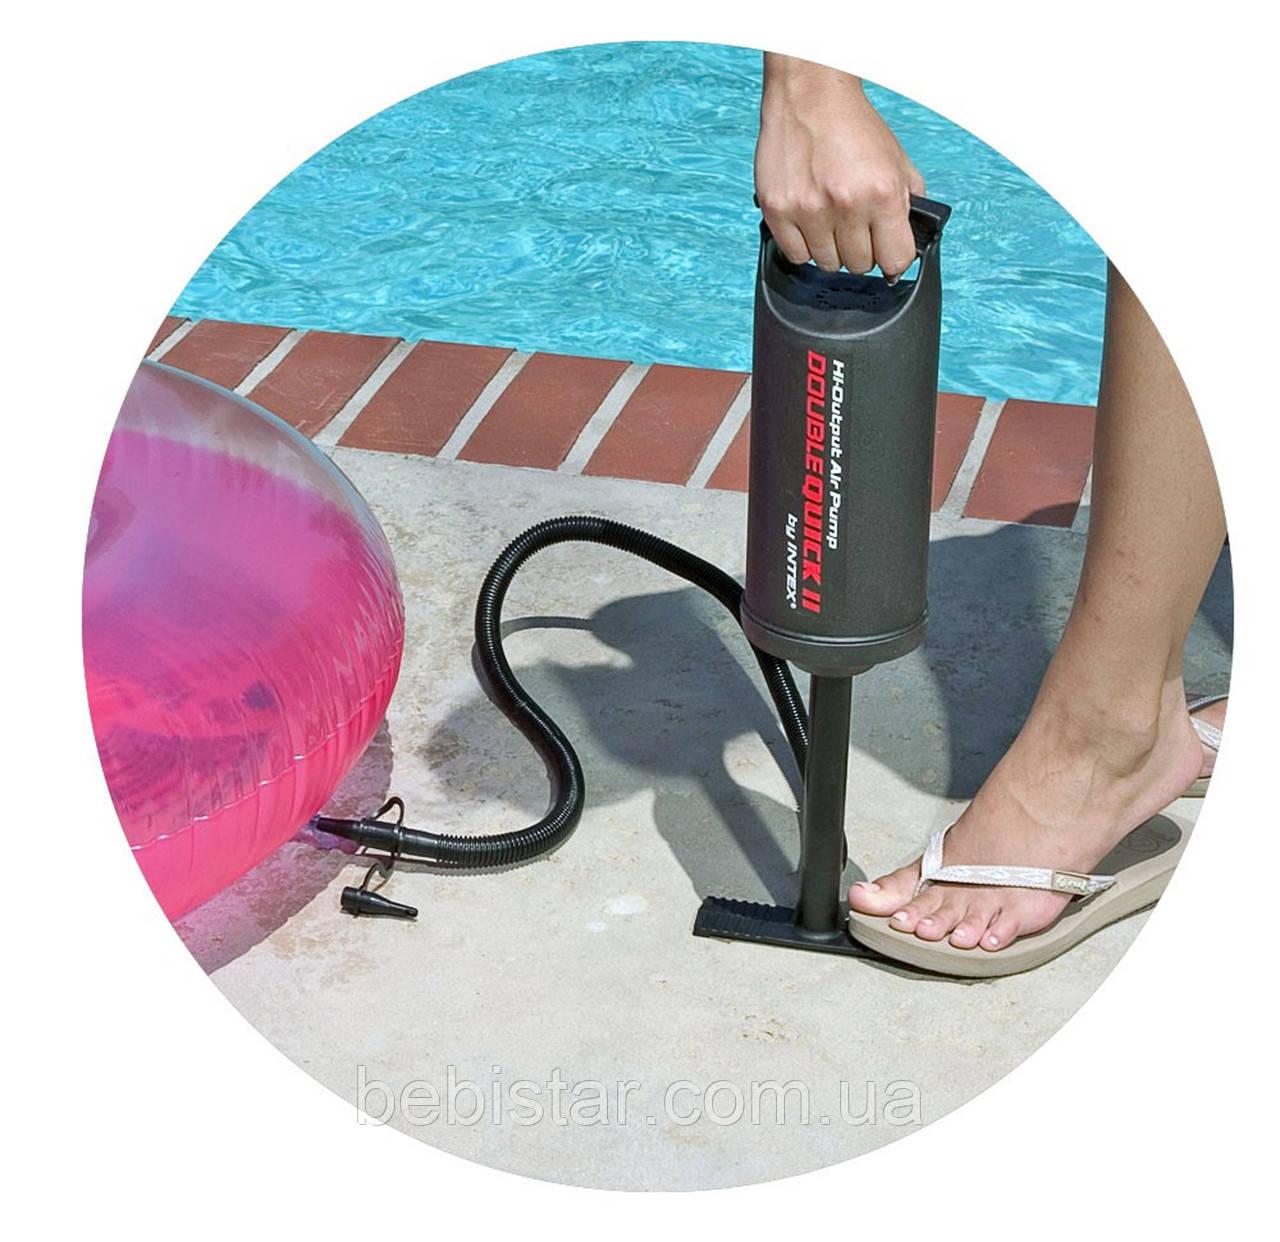 Ручной насос Intex 30 см для накачивания небольших бассейнов, надувных кроватей, детских игрушек и мячей